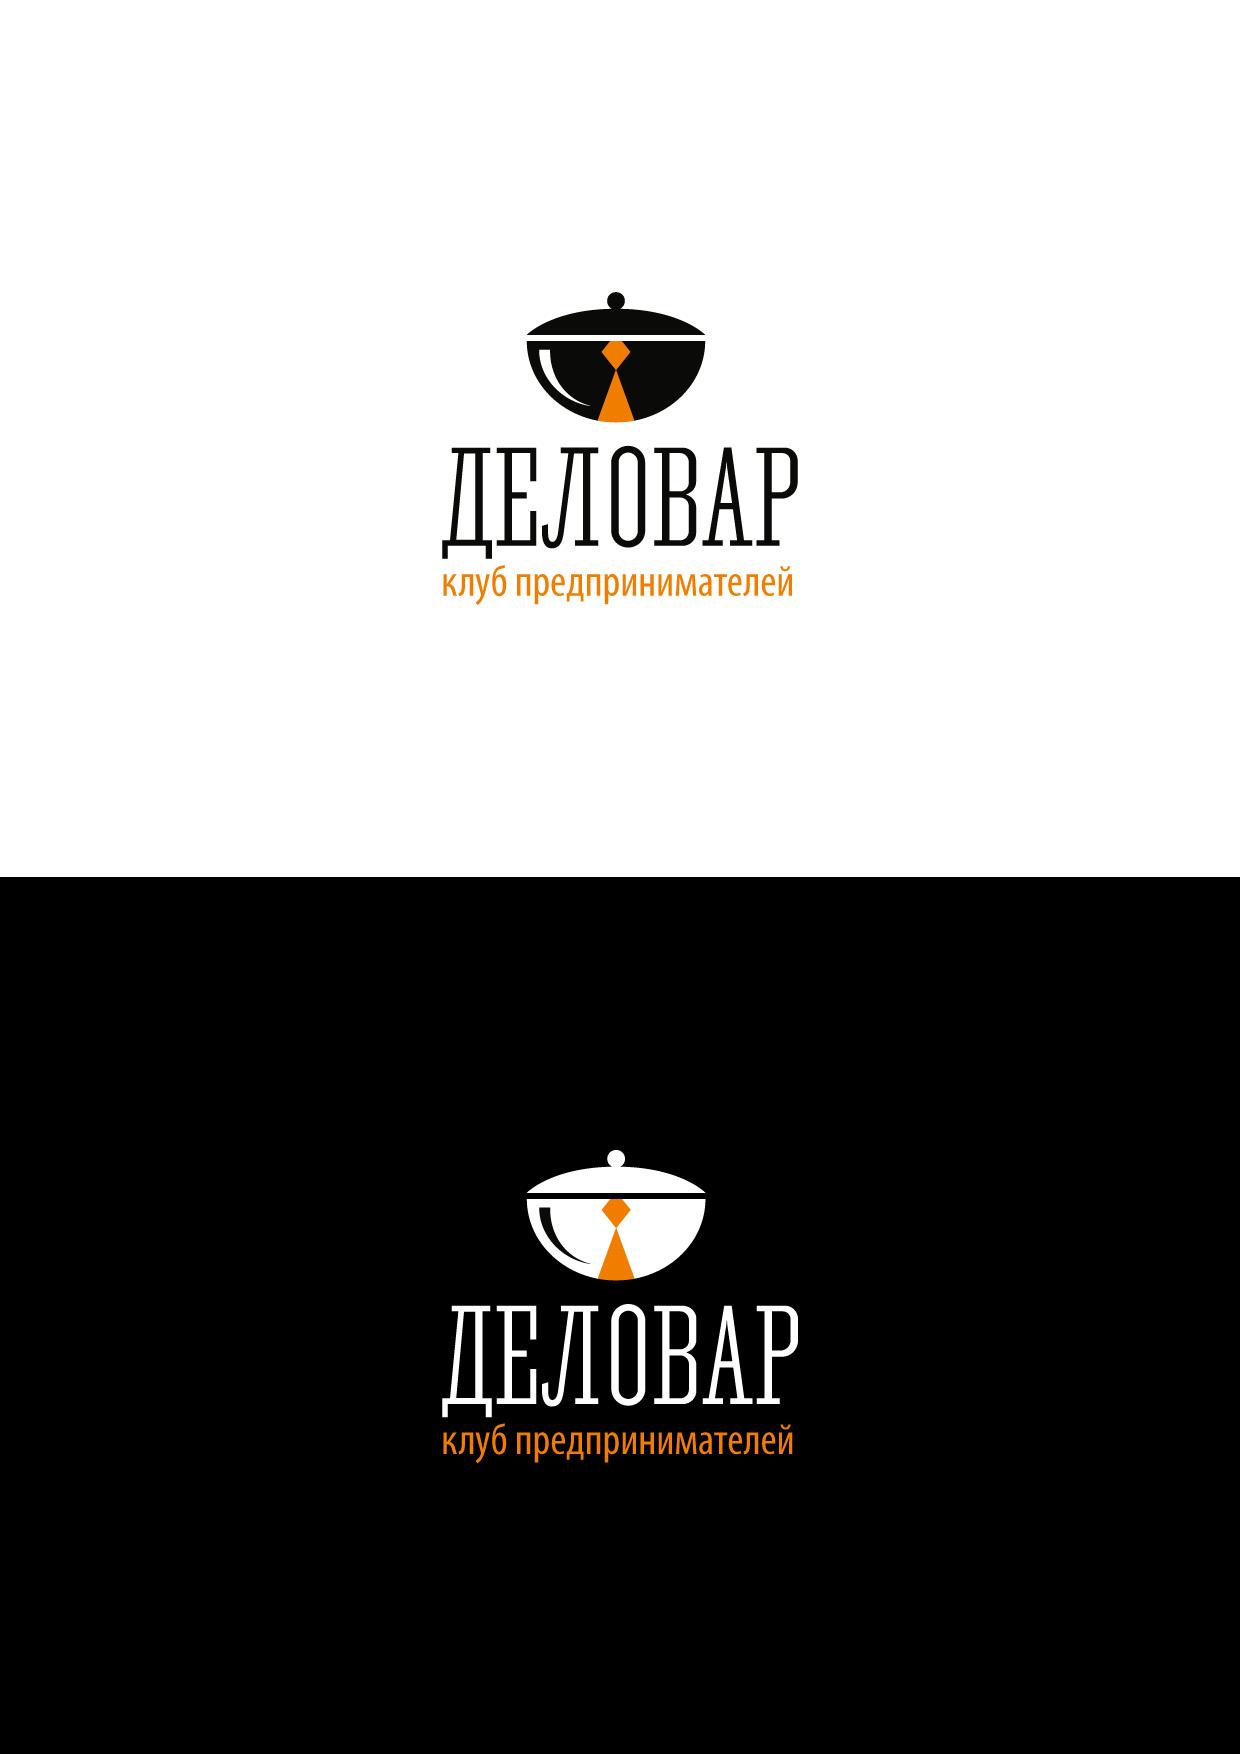 """Логотип и фирм. стиль для Клуба предпринимателей """"Деловар"""" фото f_5045a95c30a84.jpg"""